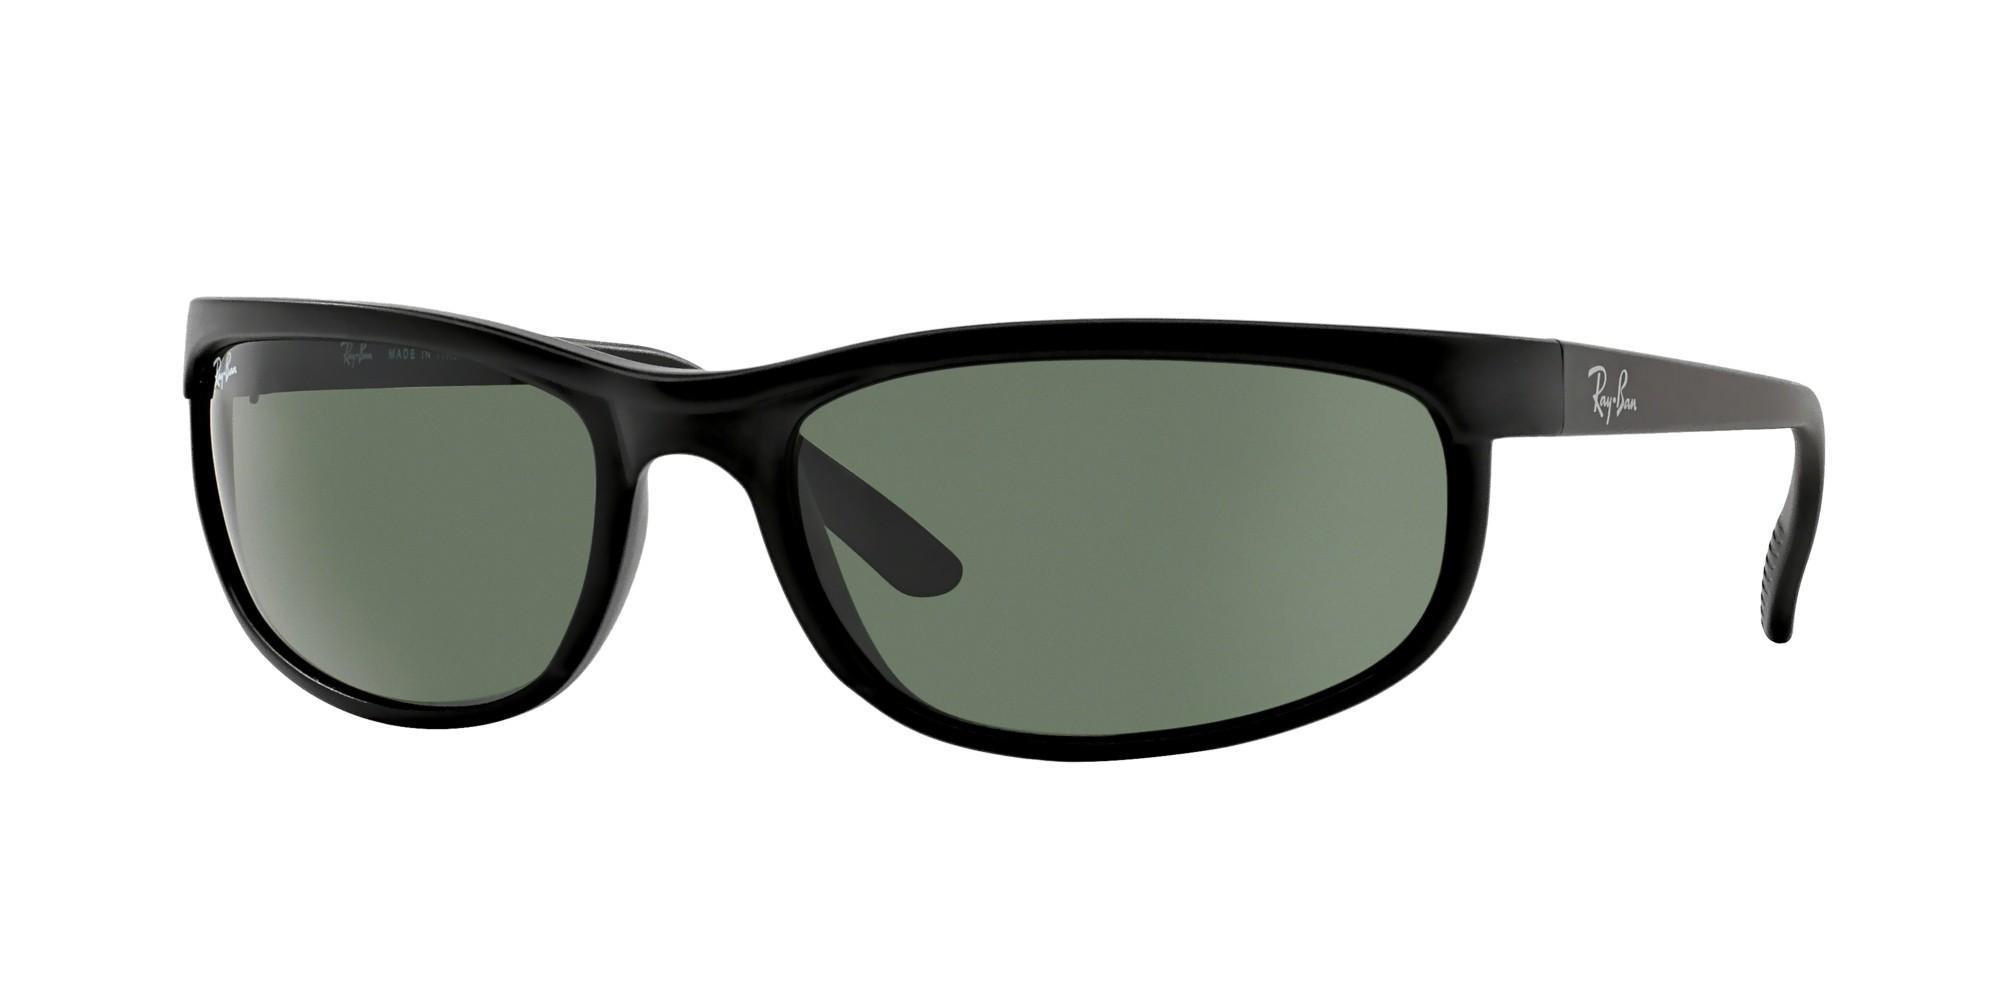 2ae60e8f38 Authentic Ray-Ban Rb2027 Prescription Sunglasses